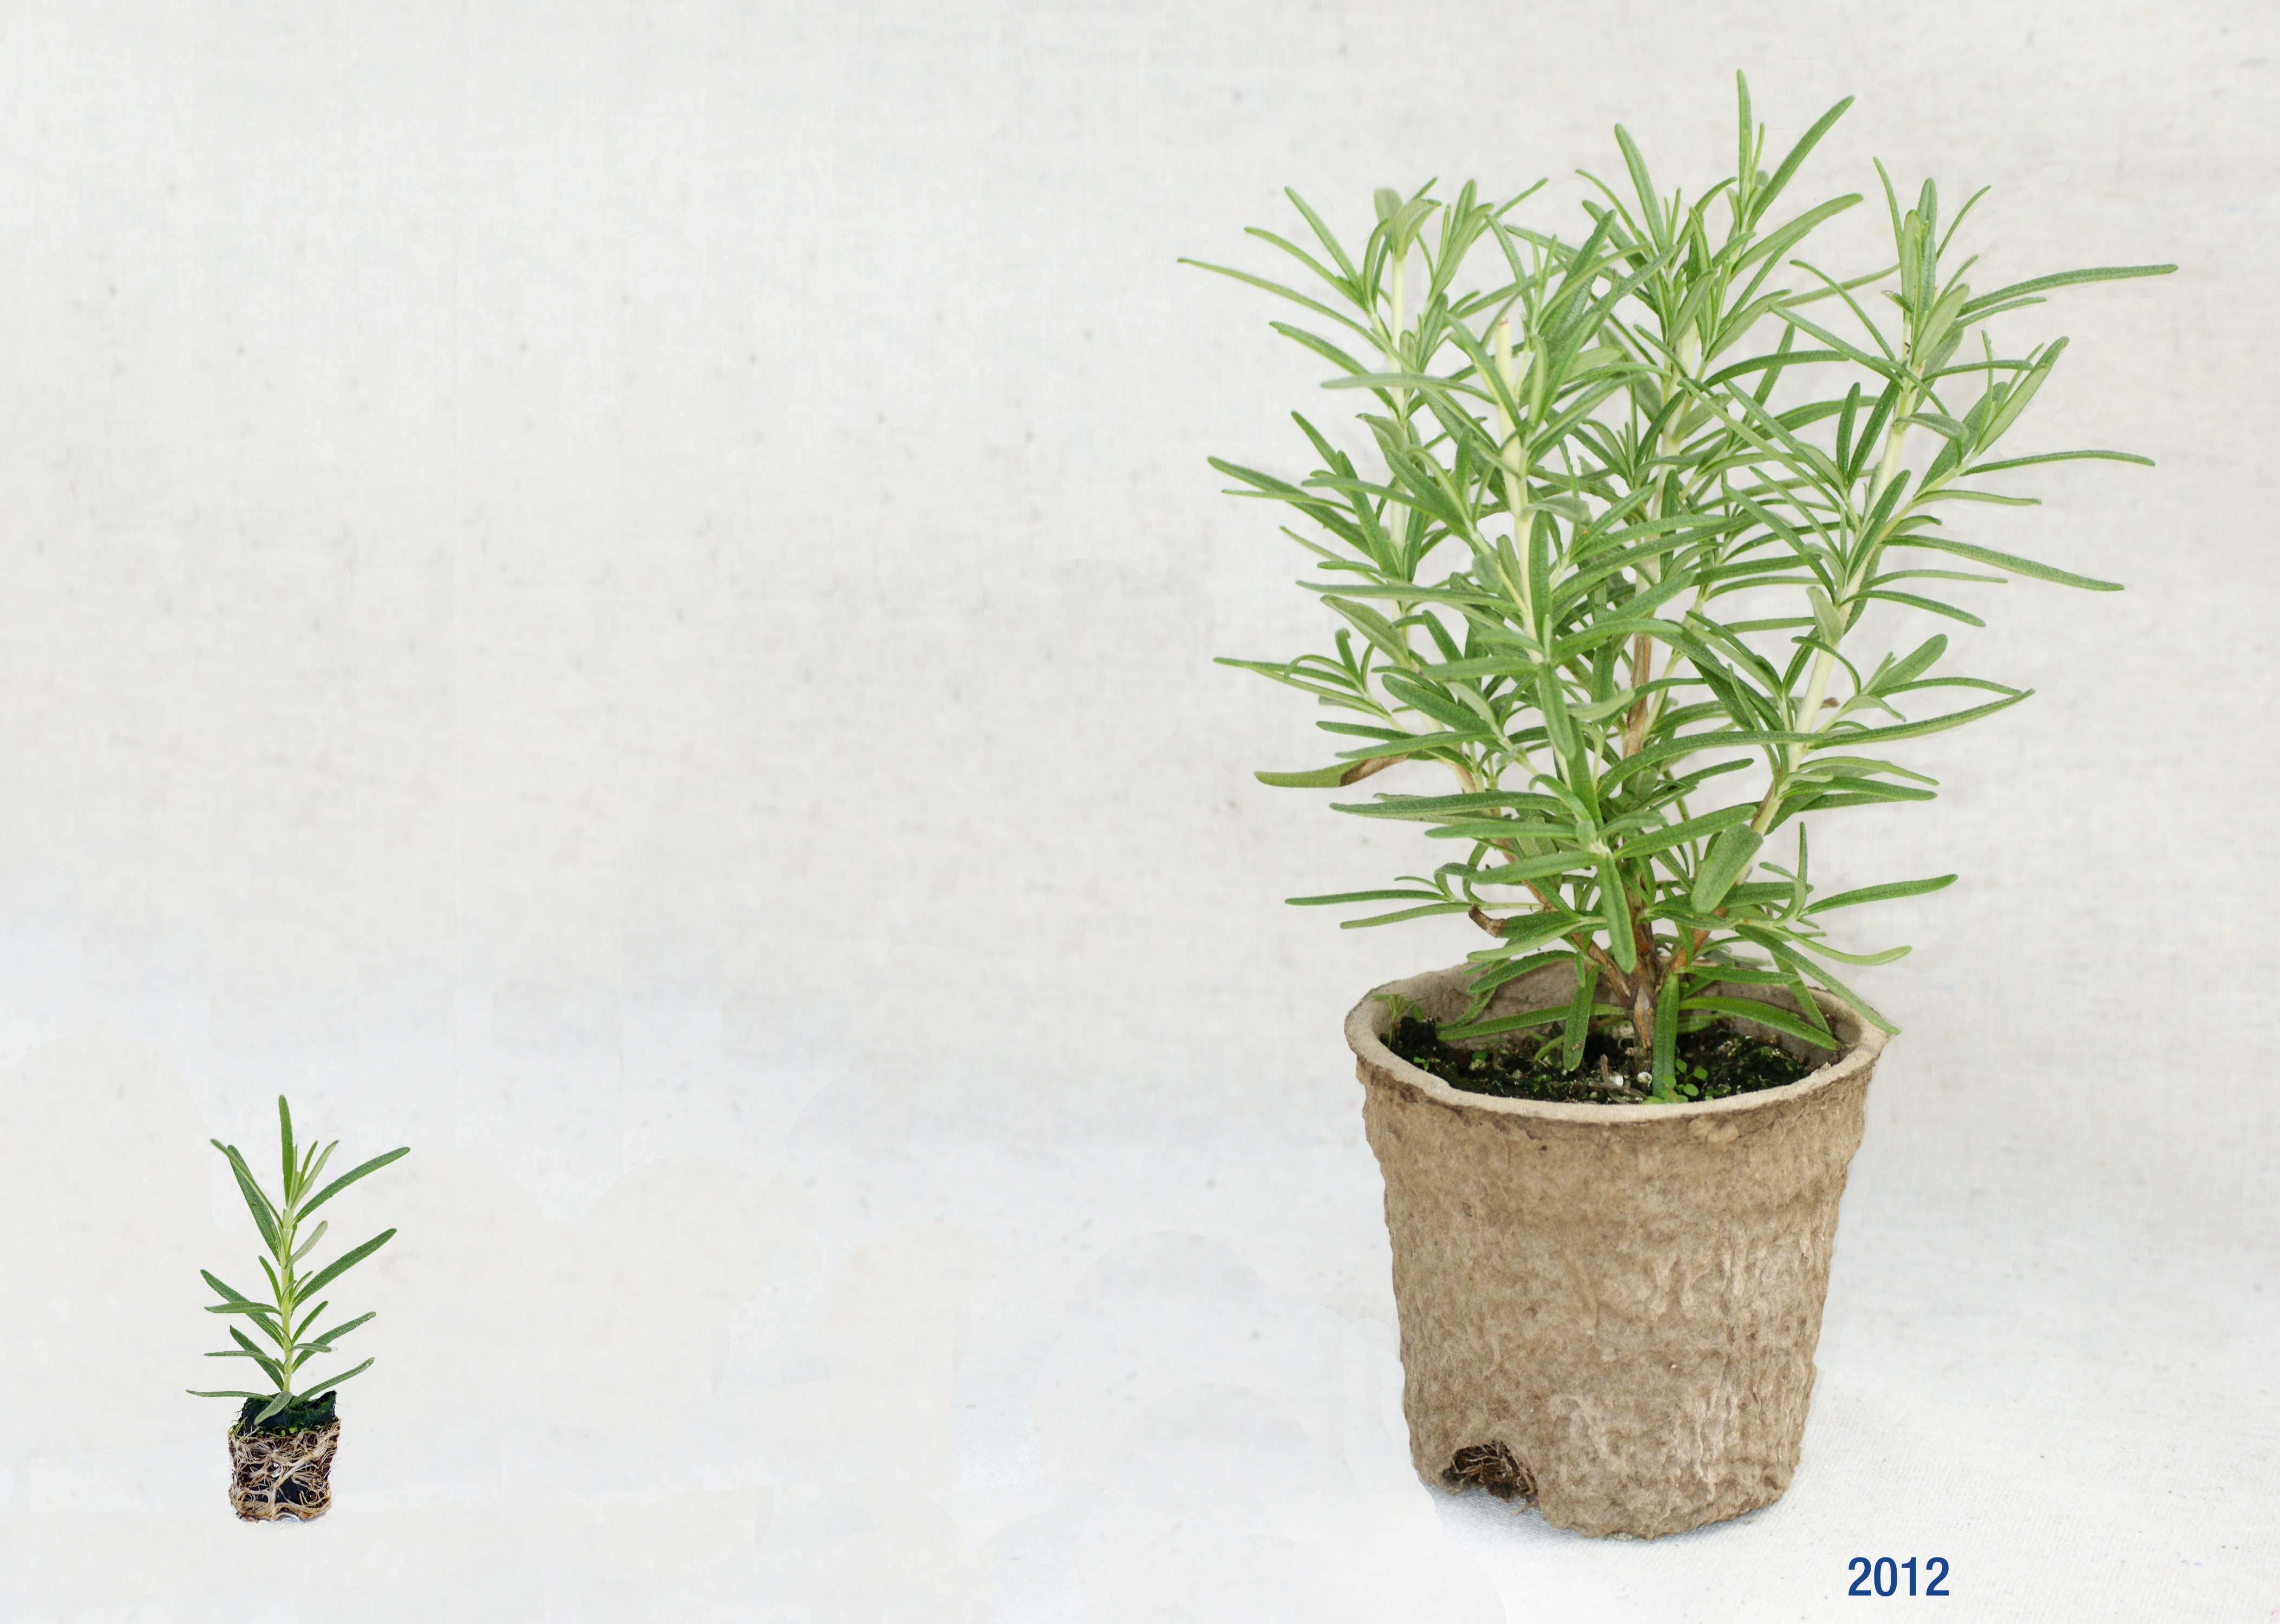 Rosemary, Upright